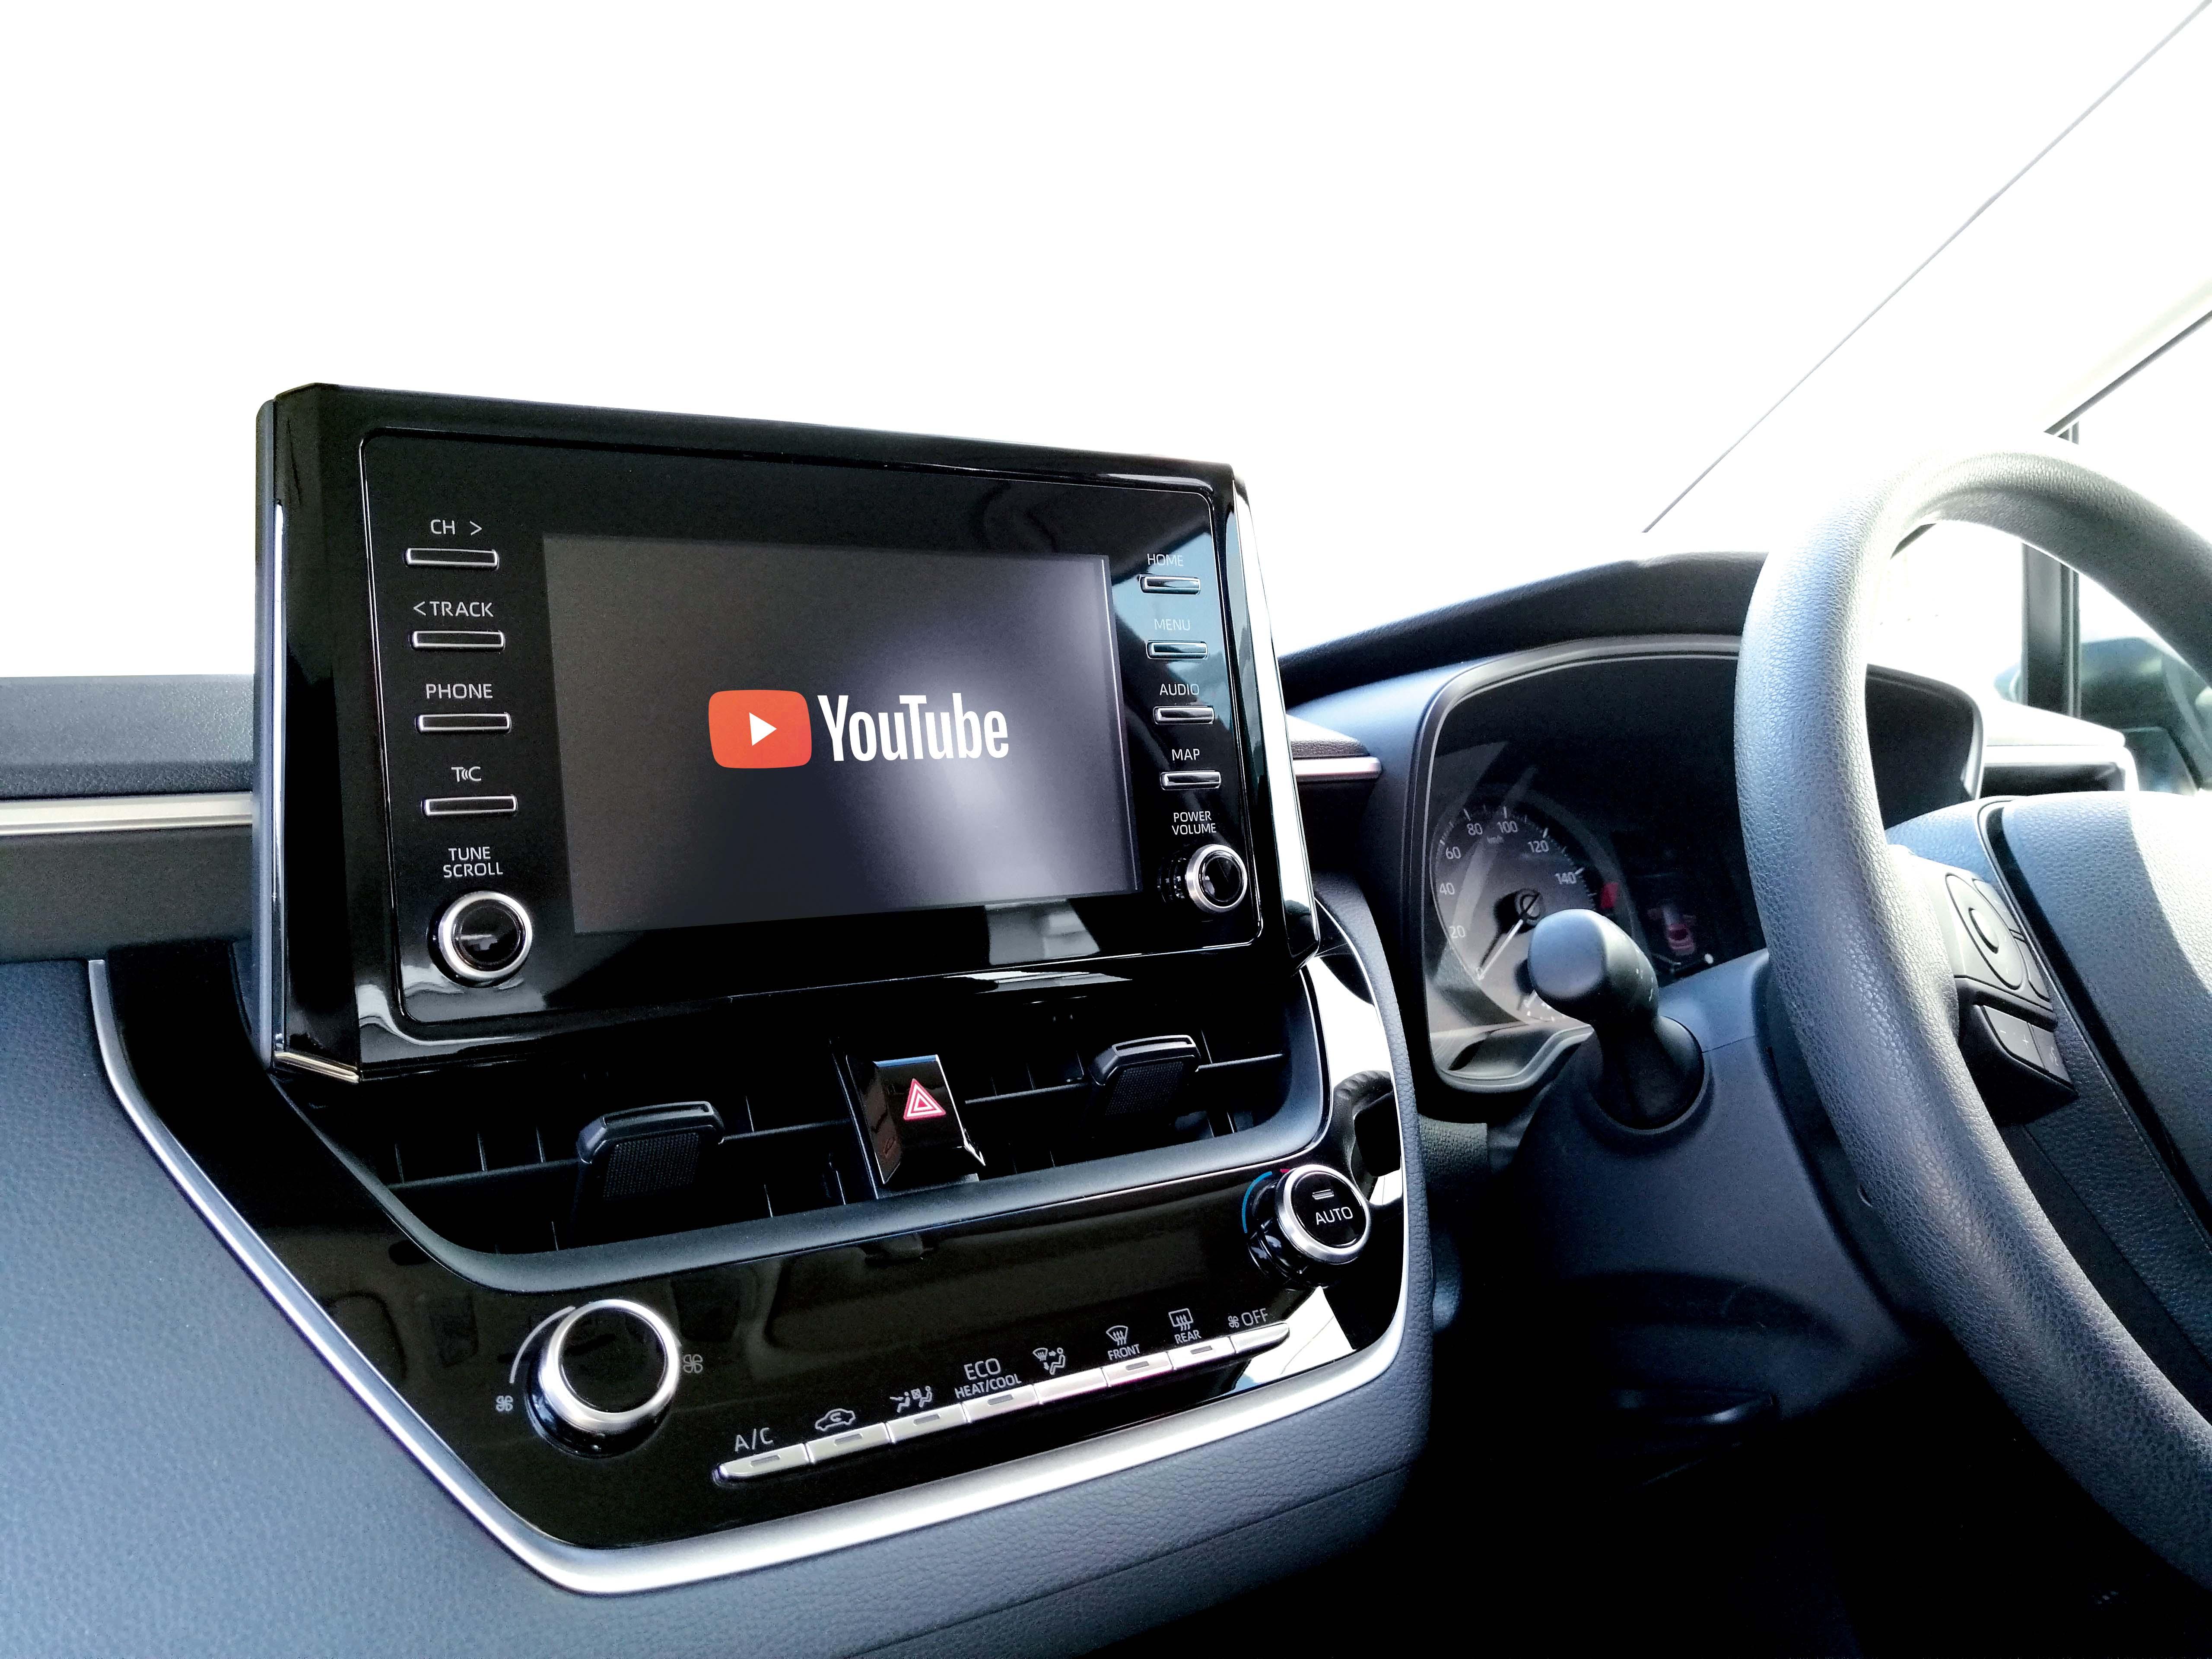 Hdmi トヨタ ディスプレイ オーディオ トヨタ カローラツーリング